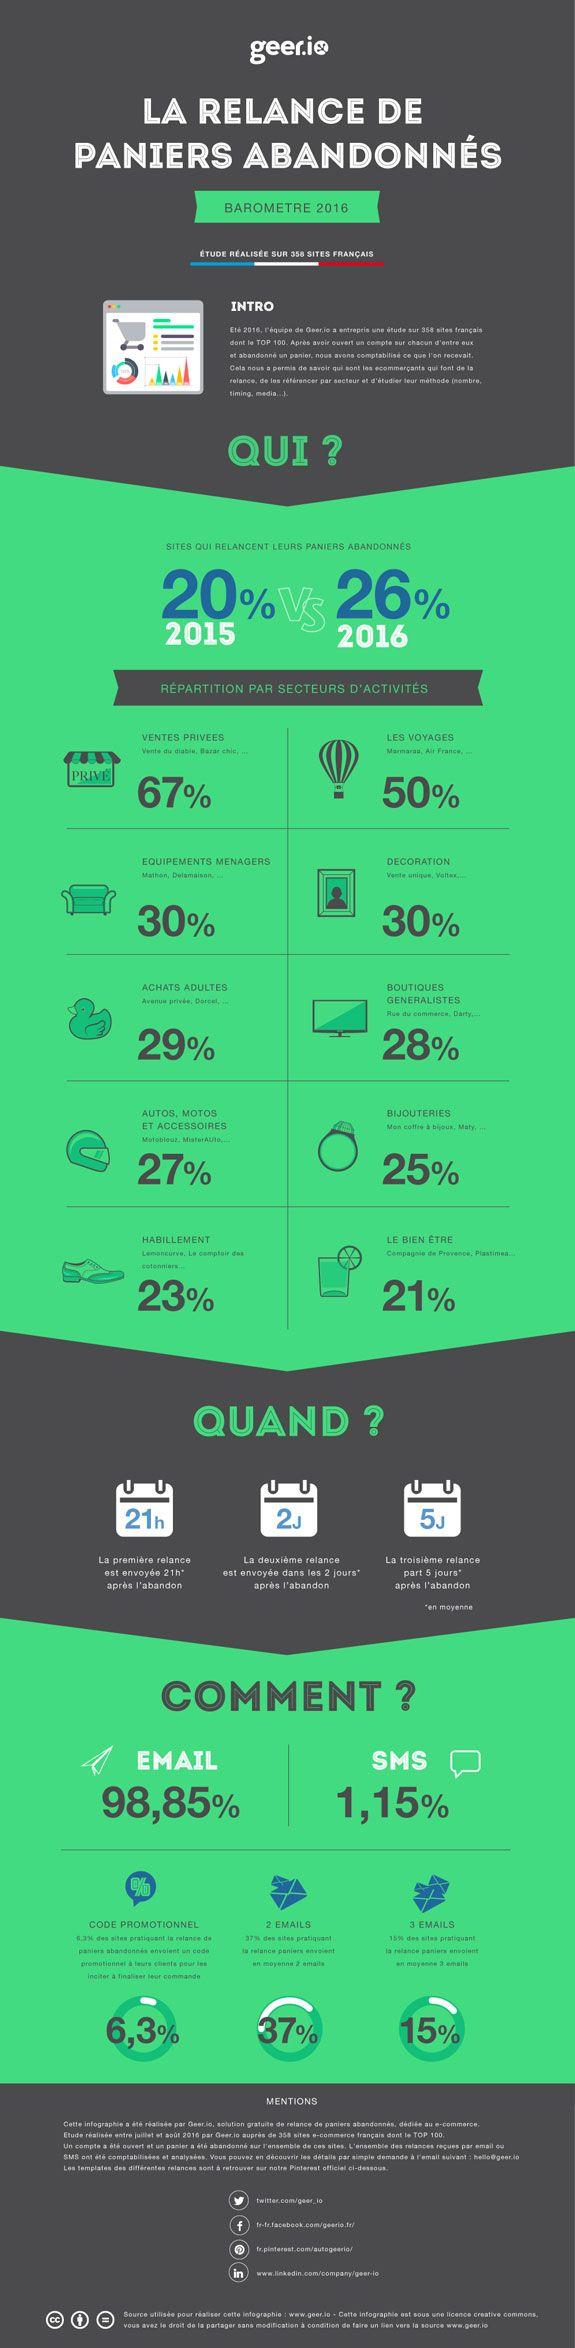 La relance des paniers abandonnés en infographie